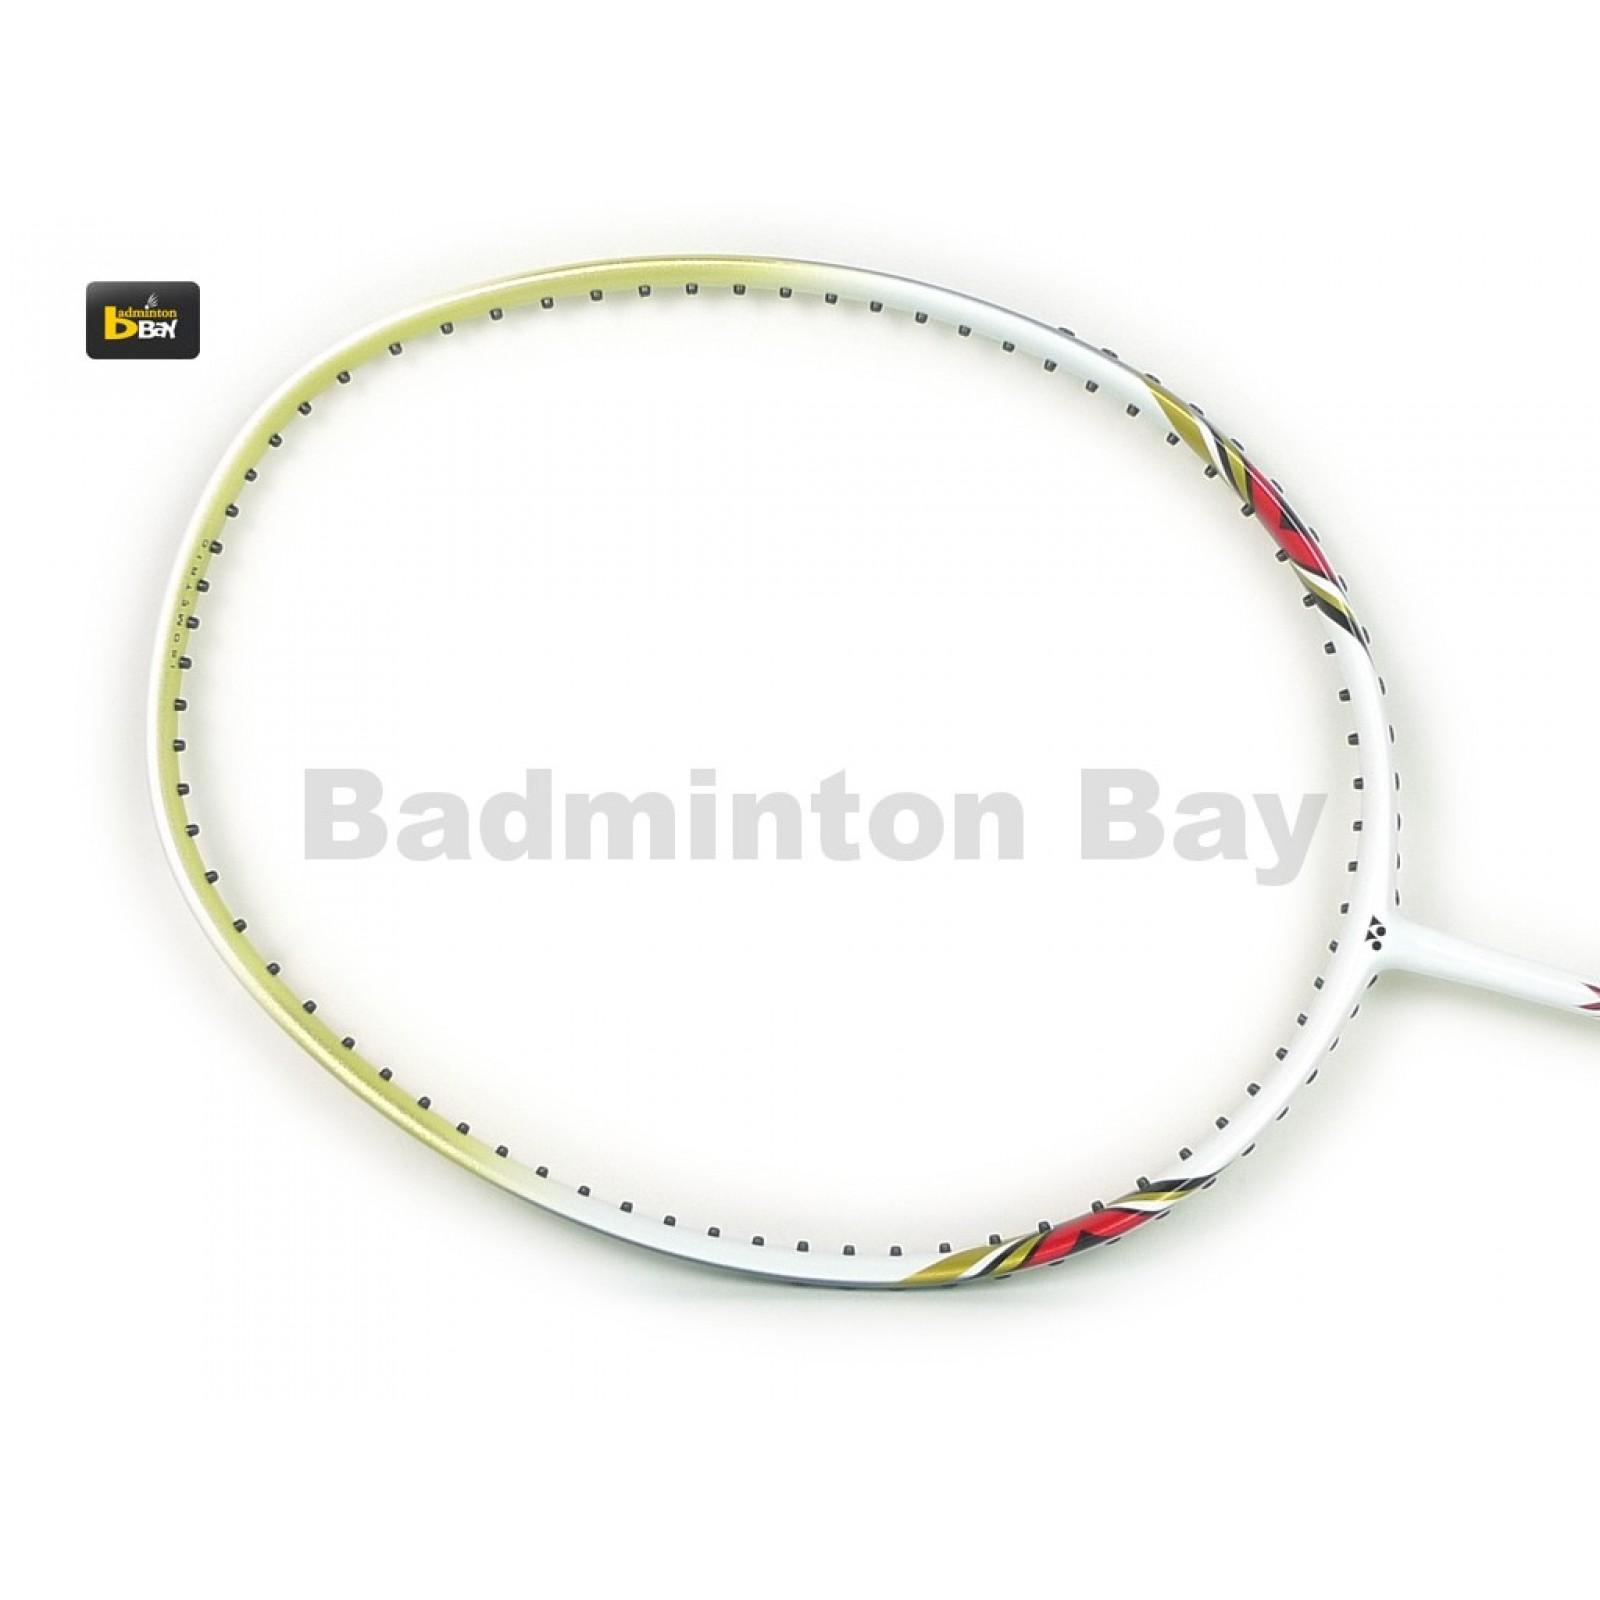 ~Out of Stock~ Yonex NanoSpeed 100 White Red Badminton ...